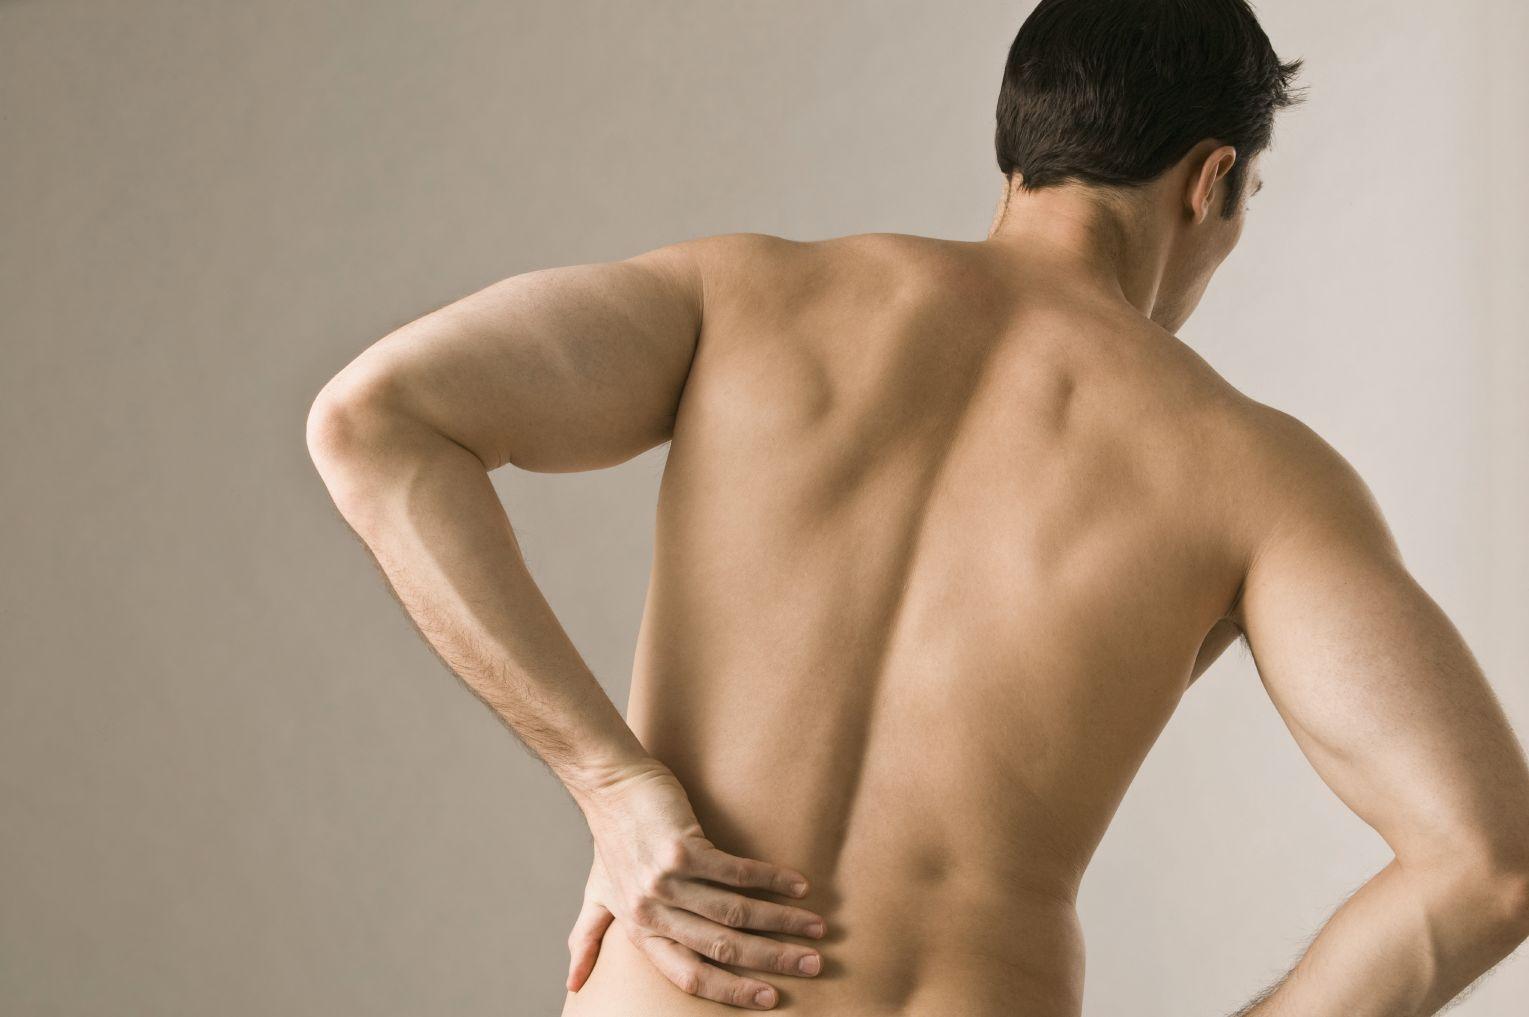 כאבי גב - יש לכם כאב גב? מה אפשר לעשות?